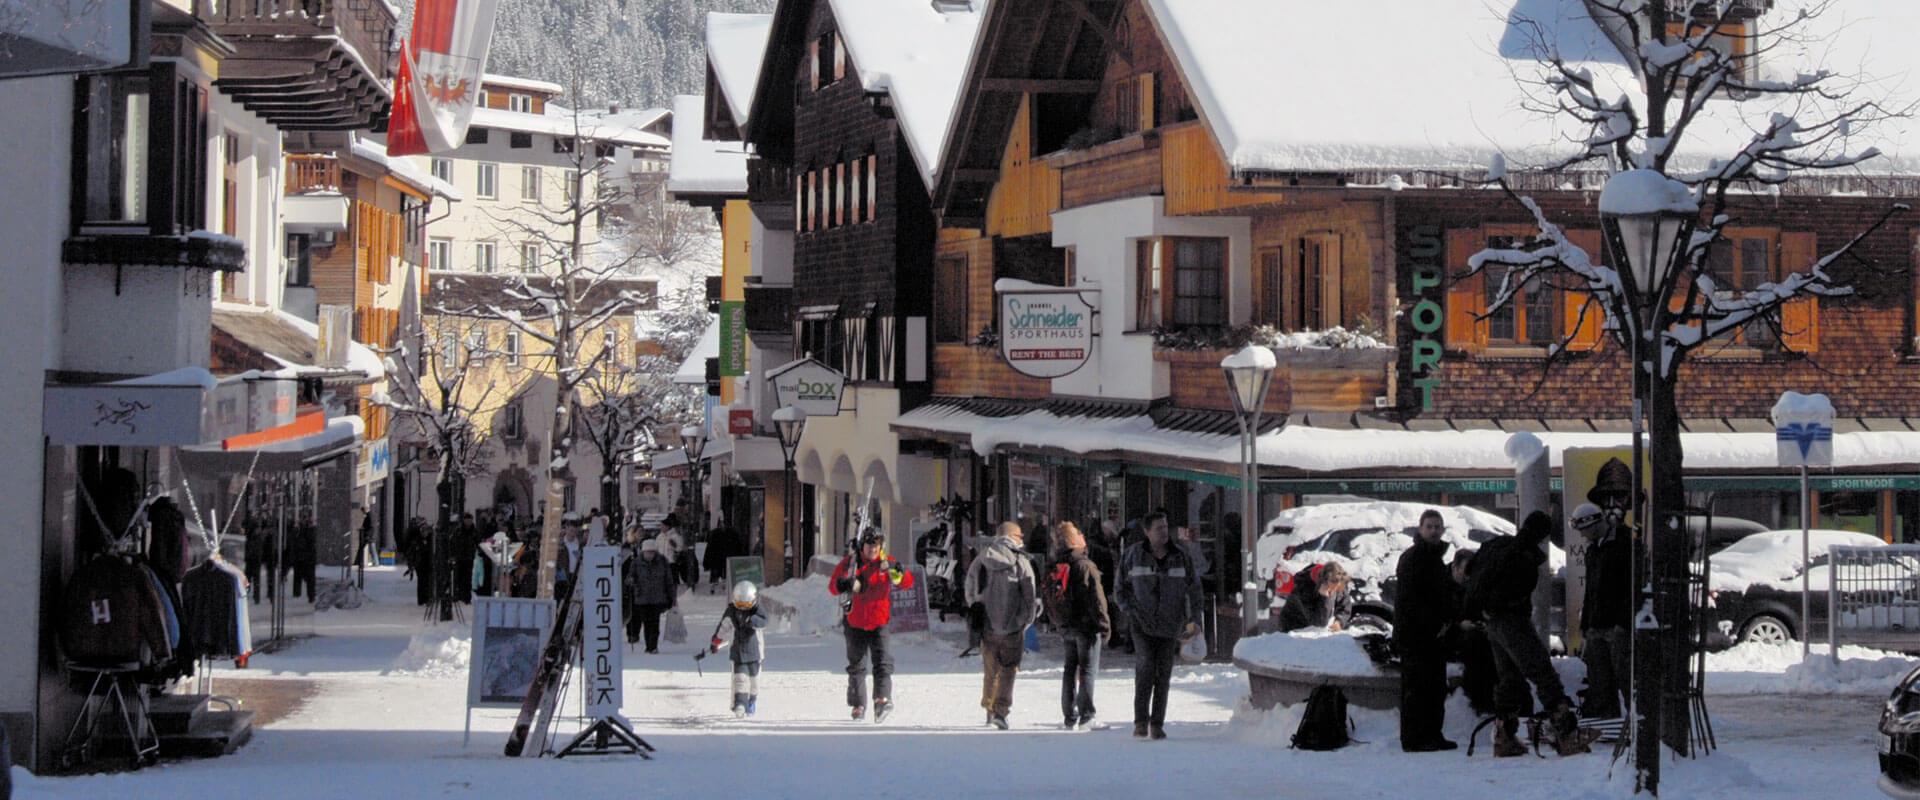 Ski Hire St Anton Hervisrent